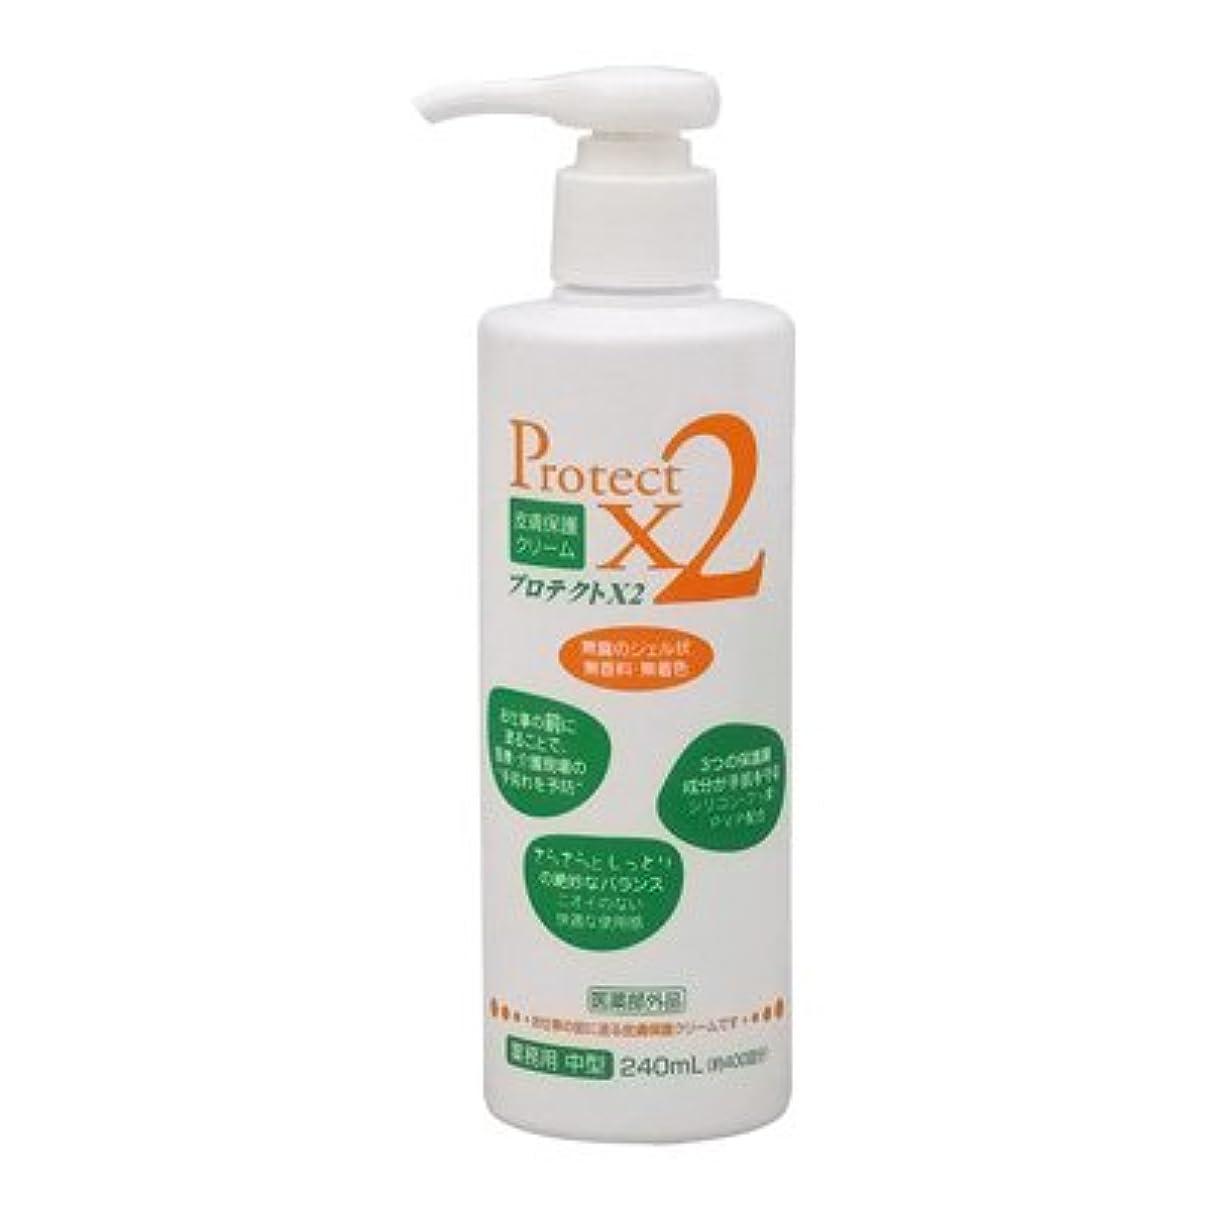 土地傷つけるくるくる皮膚保護クリーム プロテクトX2 240ml(中型)